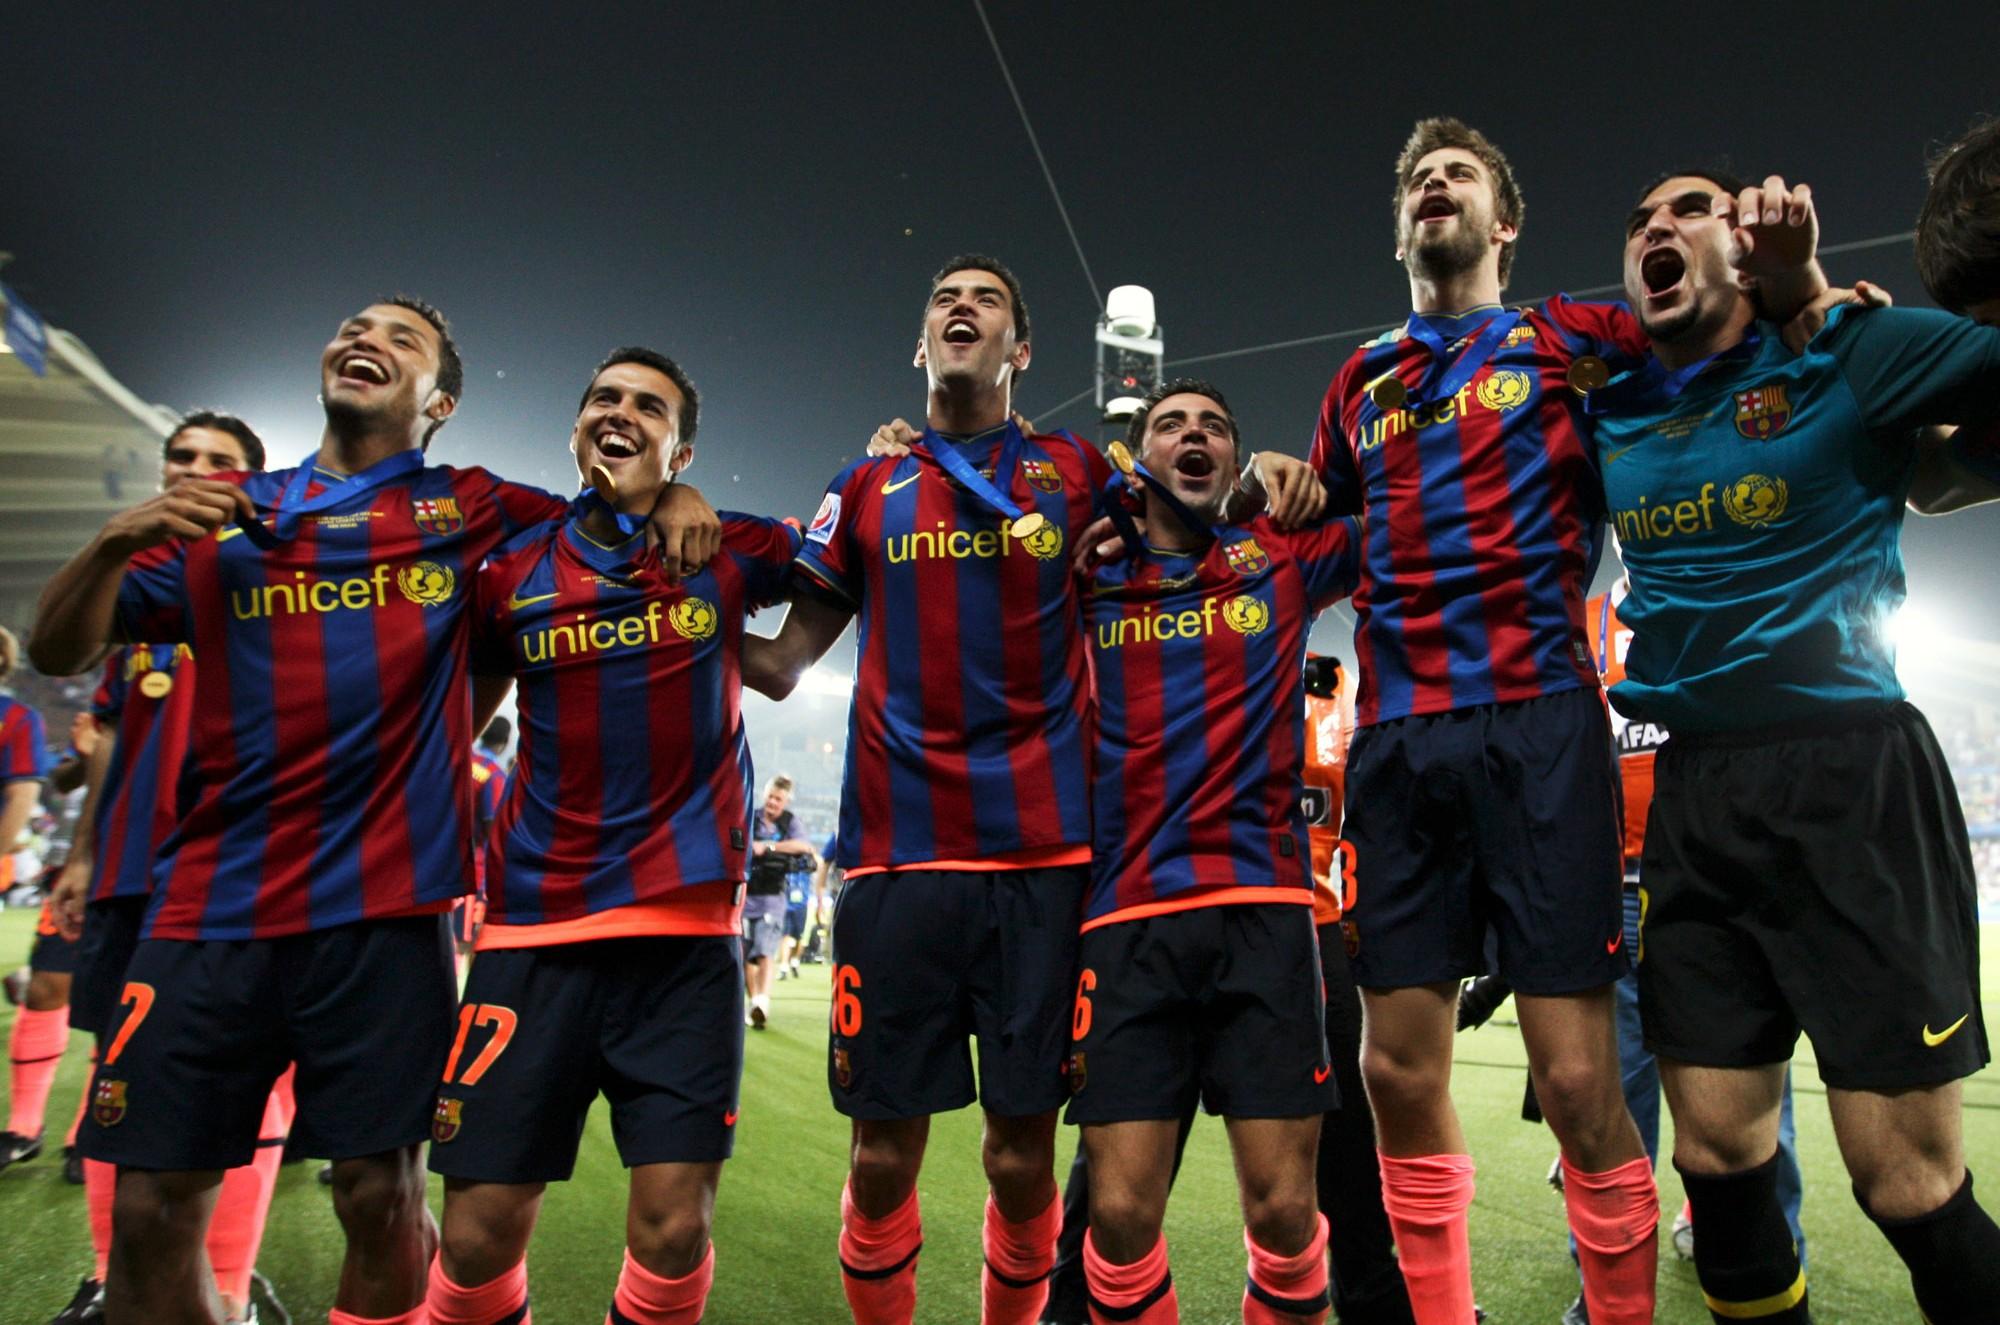 نادي برشلونة - مواقع التواصل